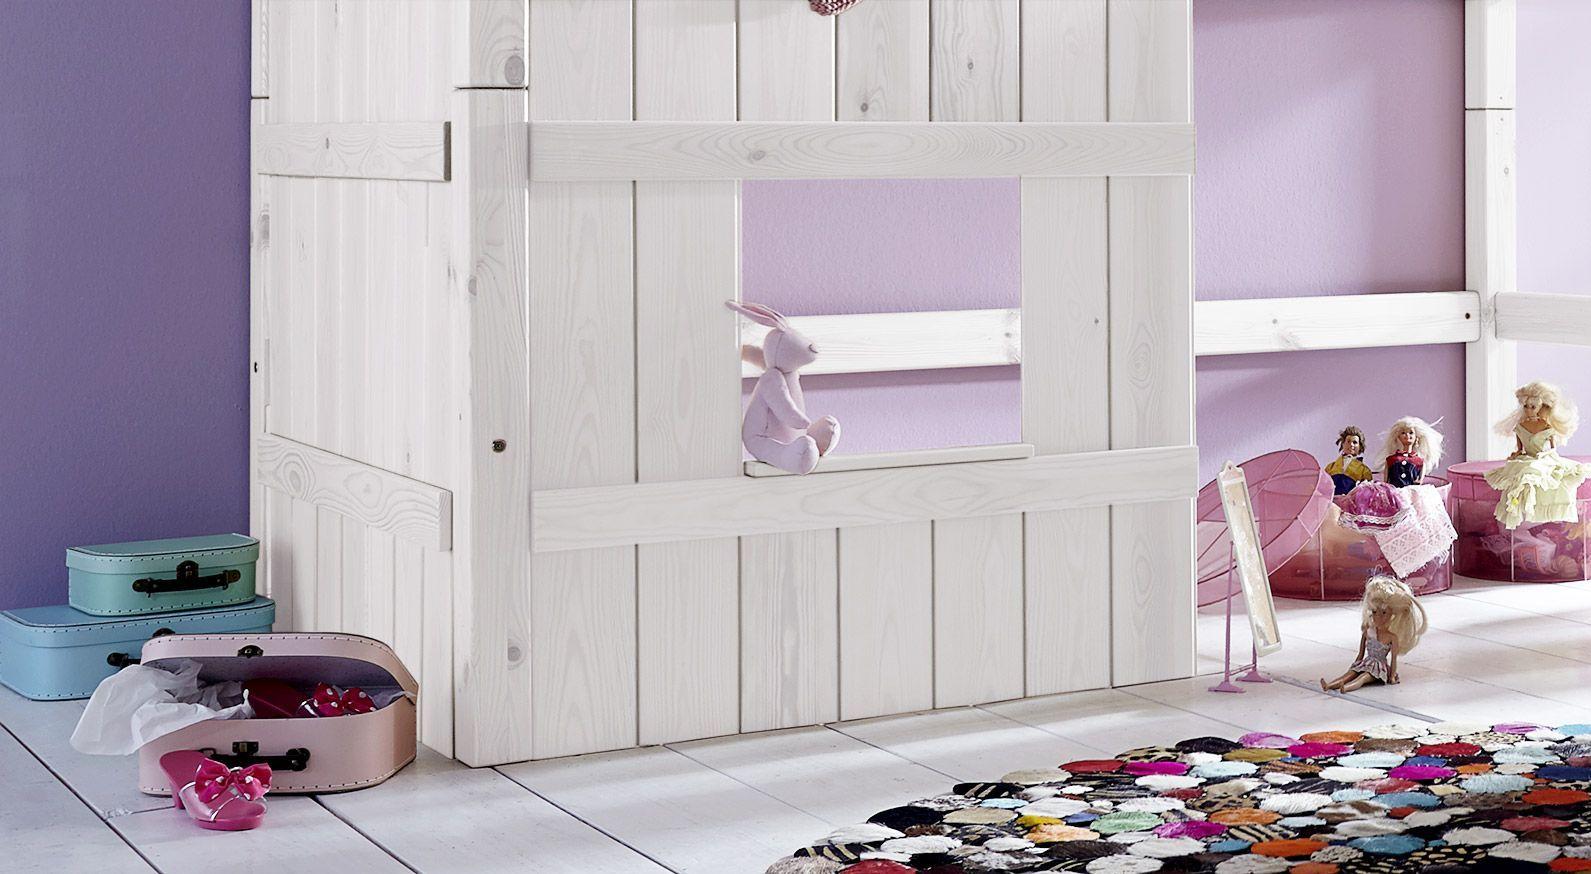 Hütten-Hochbett Kids Paradise für Mädchen mit Holzverkleidung und Fenster